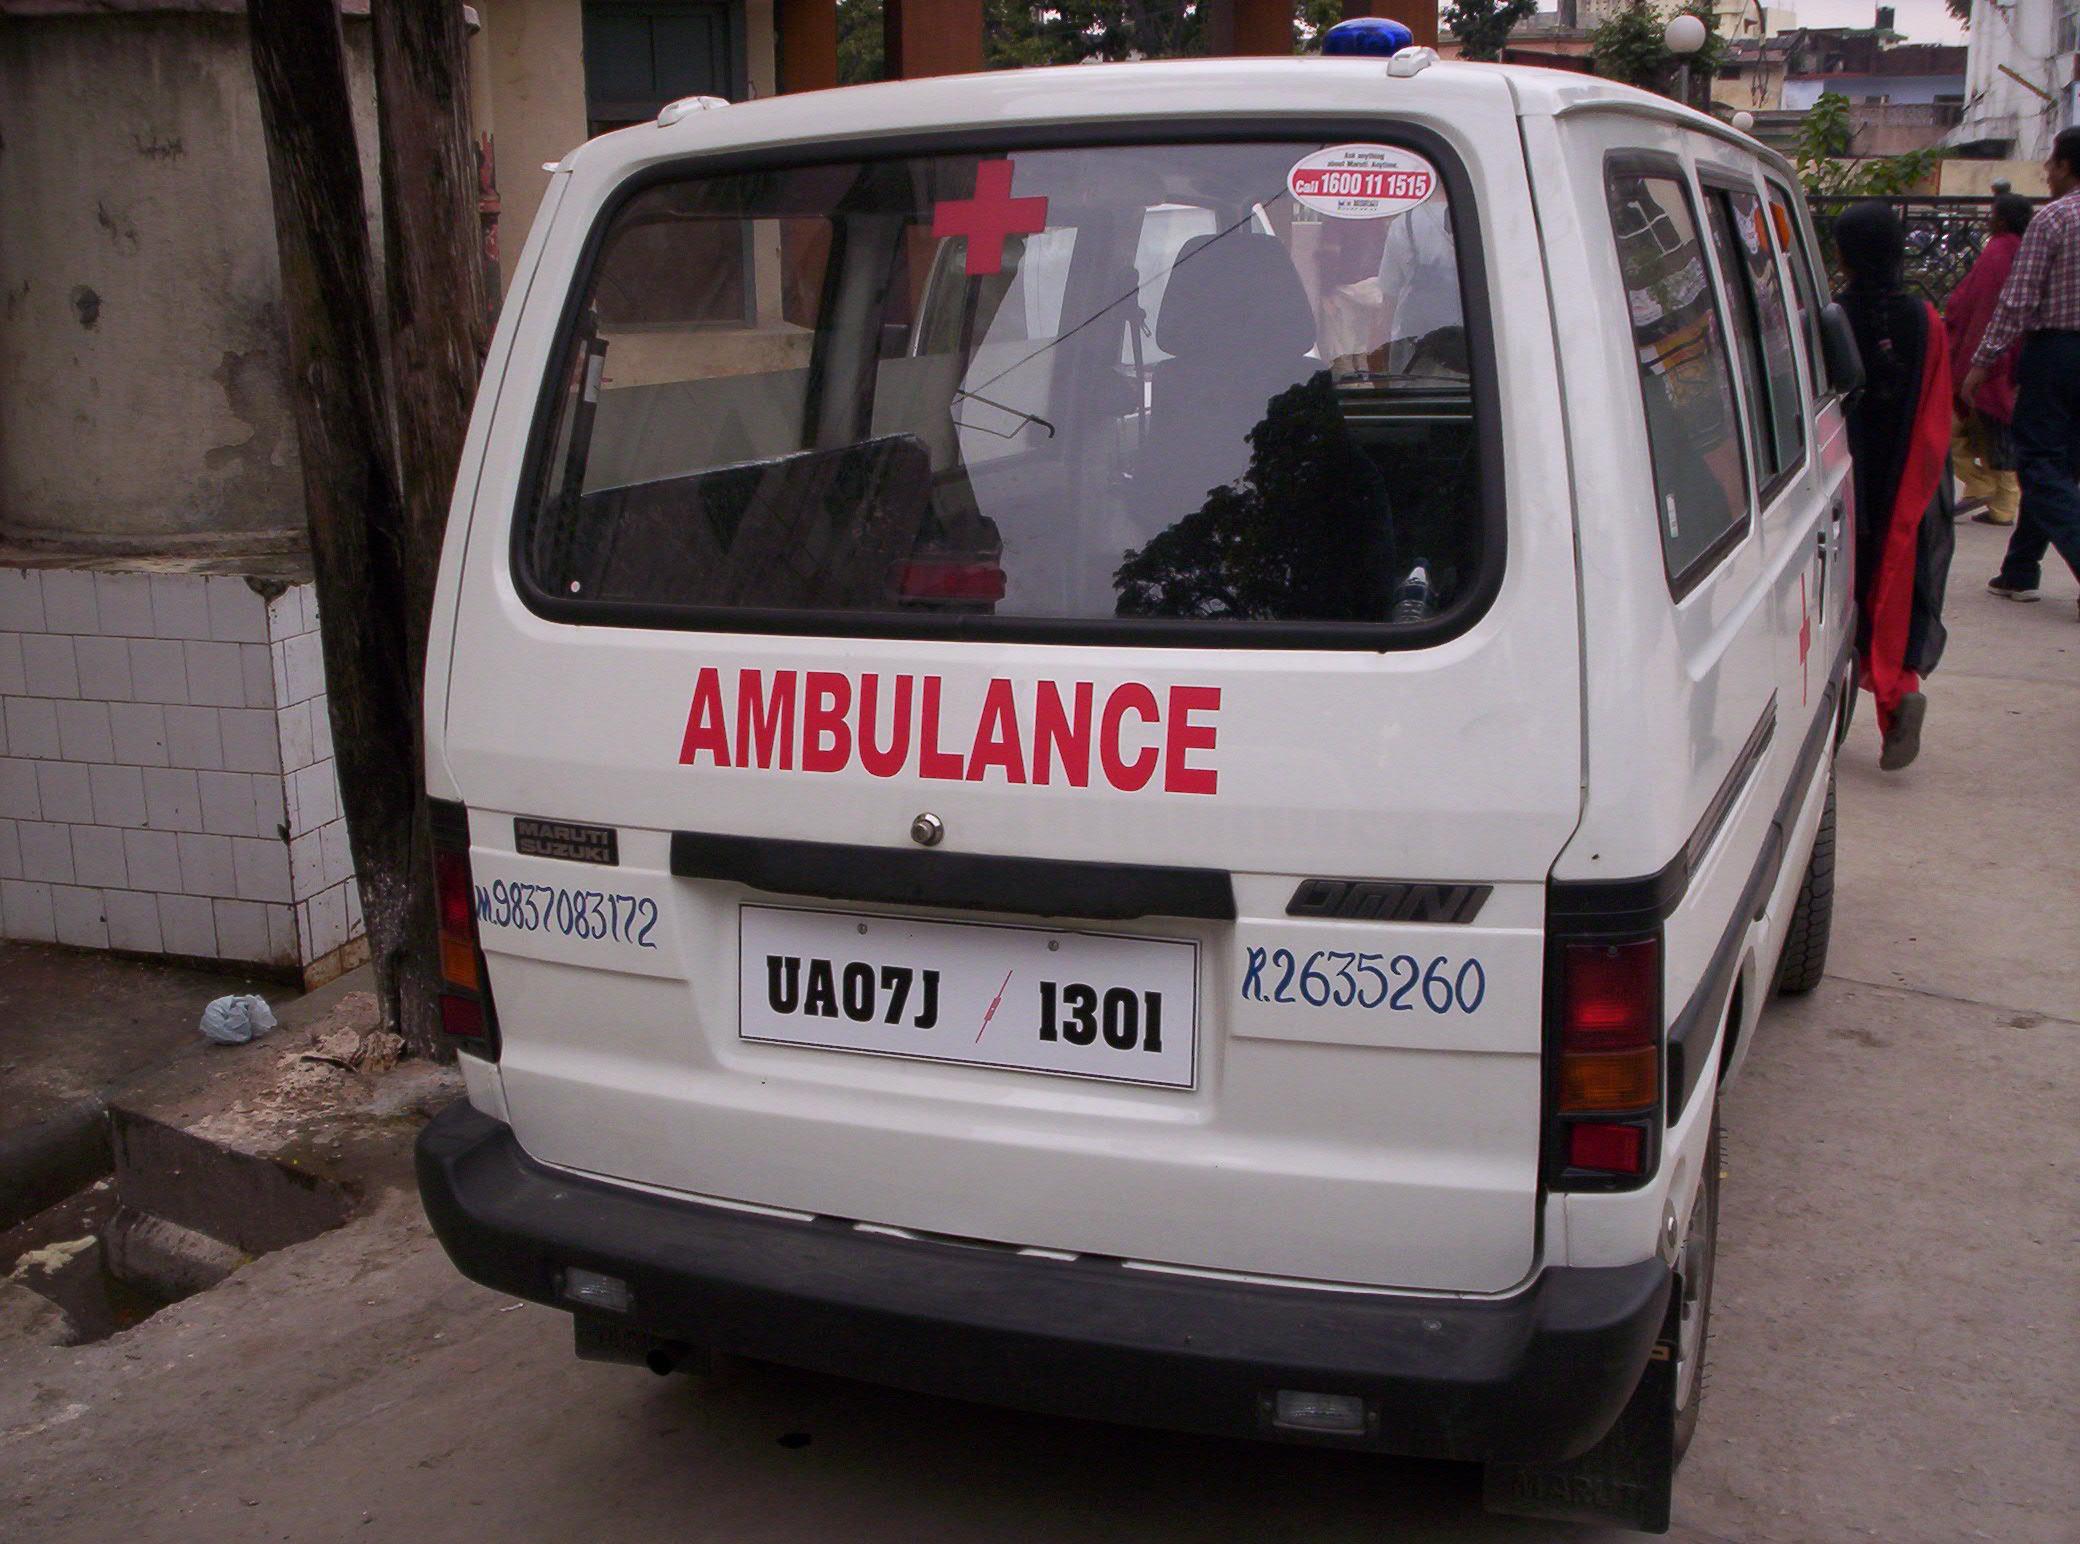 Ambulance Wikipedia Free Encyclopedia Rachael Edwards